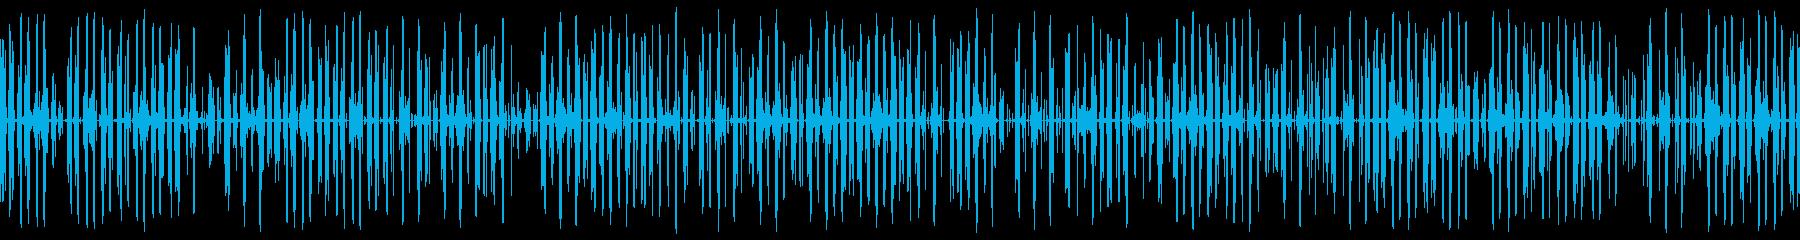 スペースエイジモースコード、ファー...の再生済みの波形